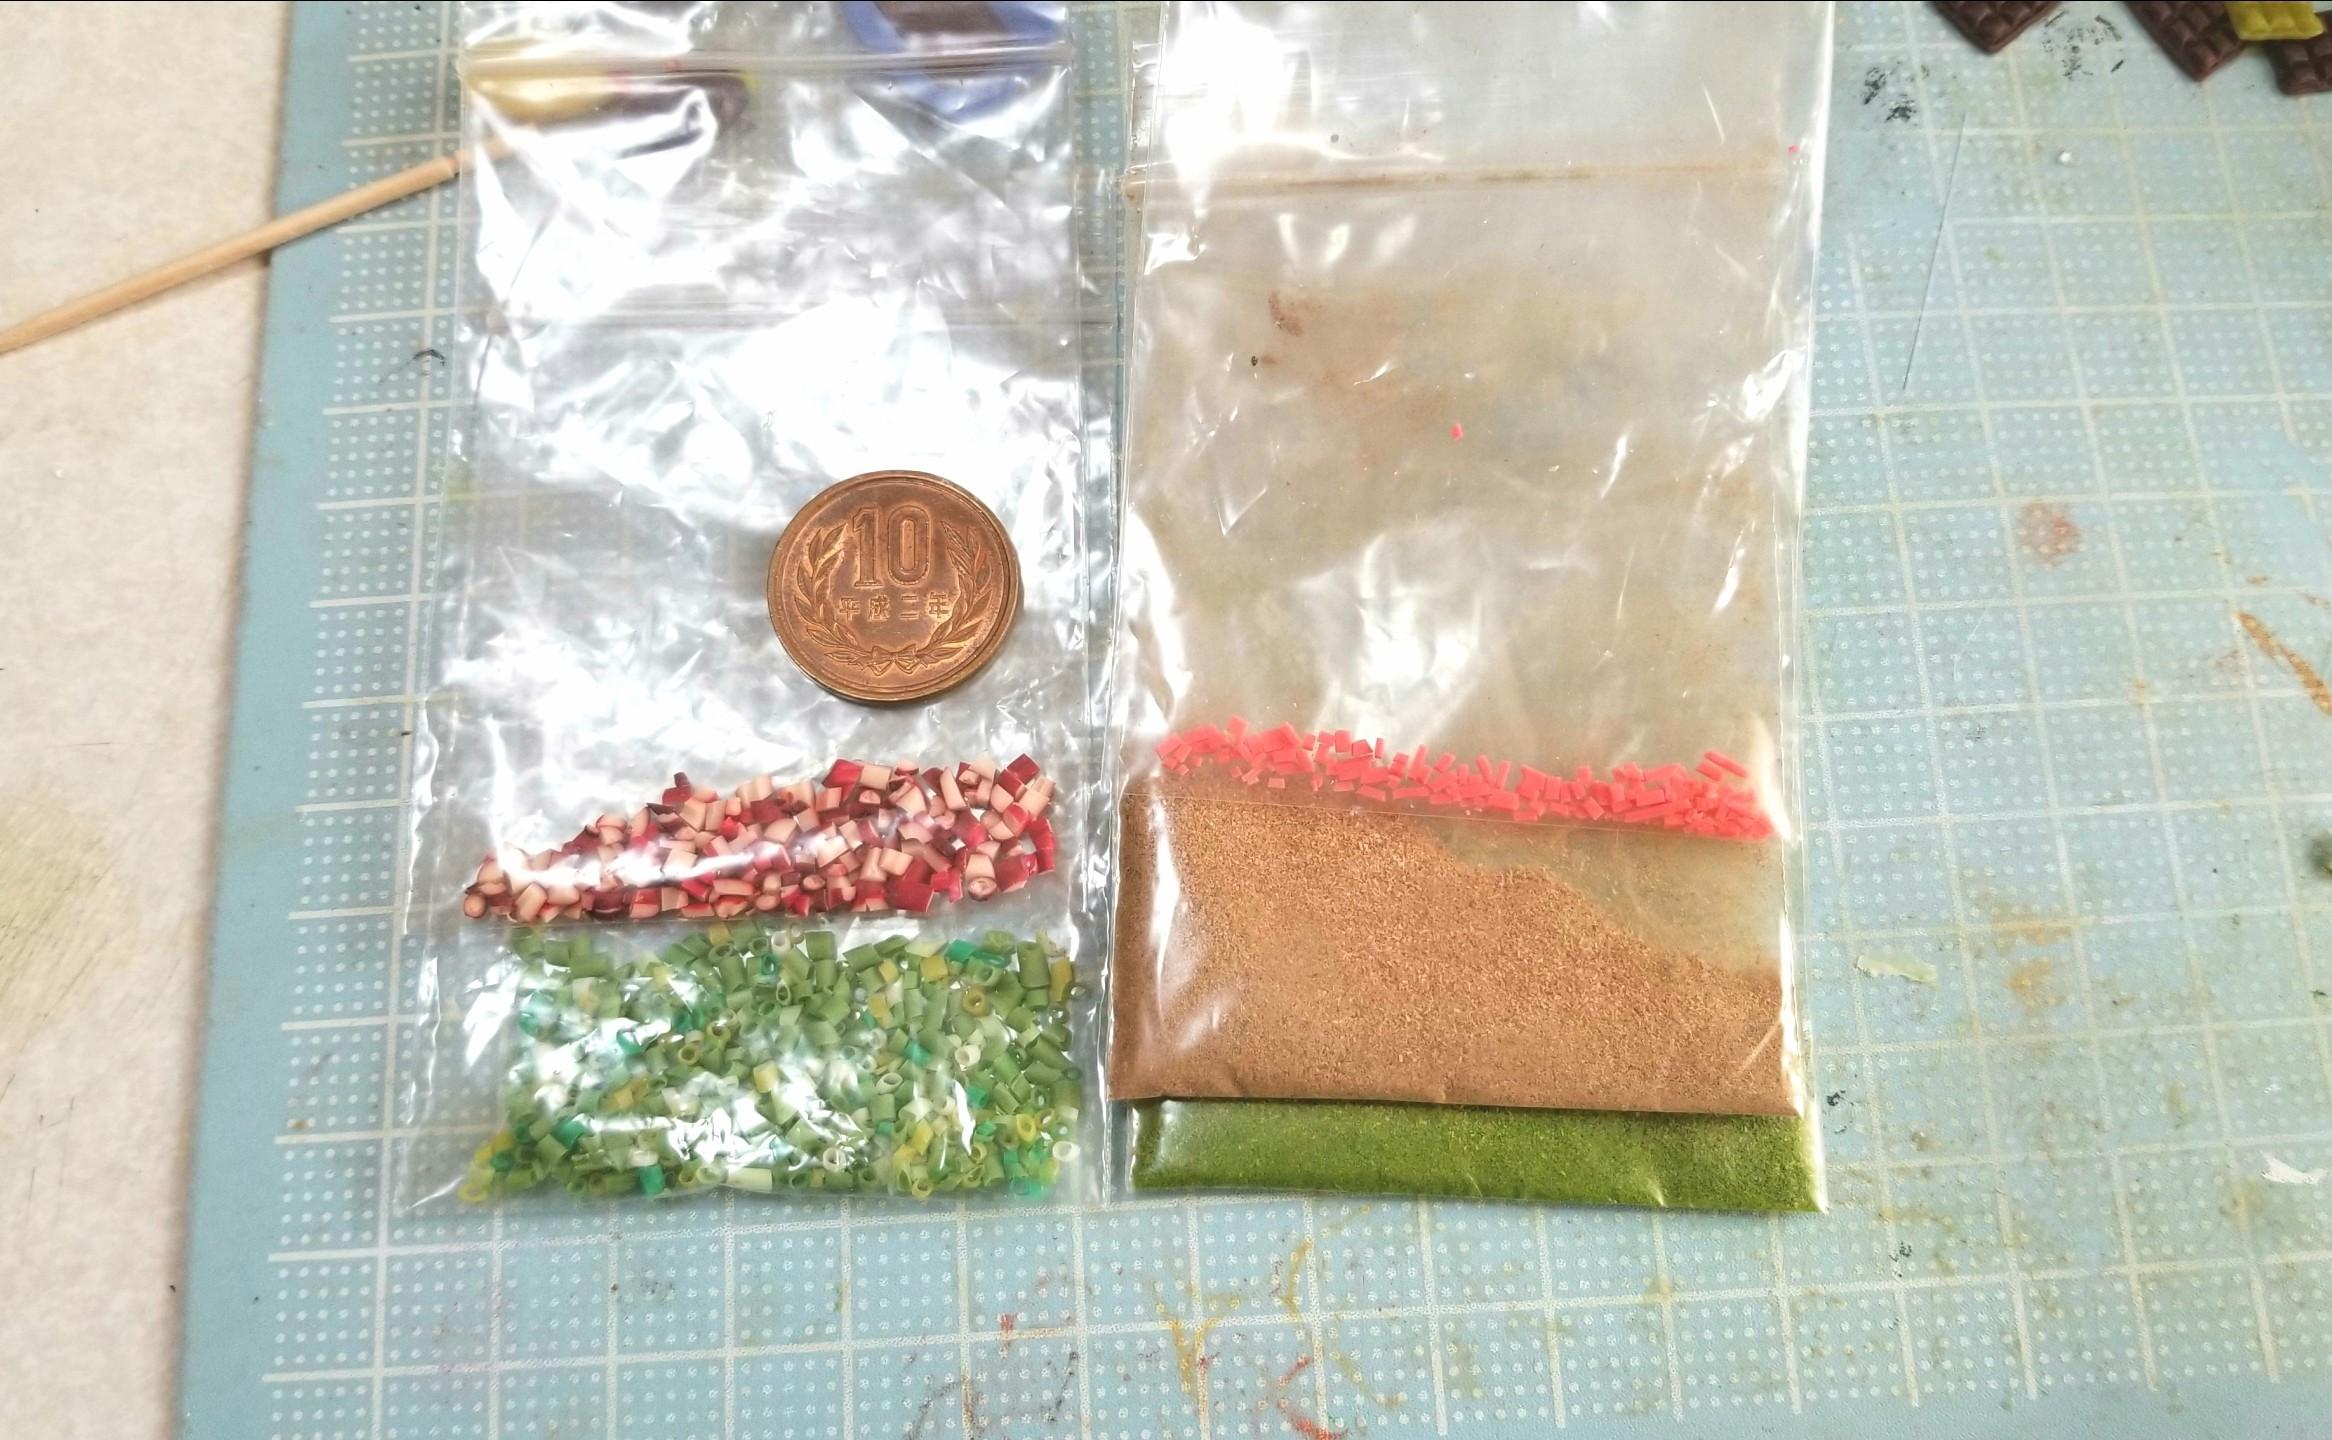 たこ焼き,作り方,ミニチュア,樹脂粘土,ドールハウス,薬味,サンプル